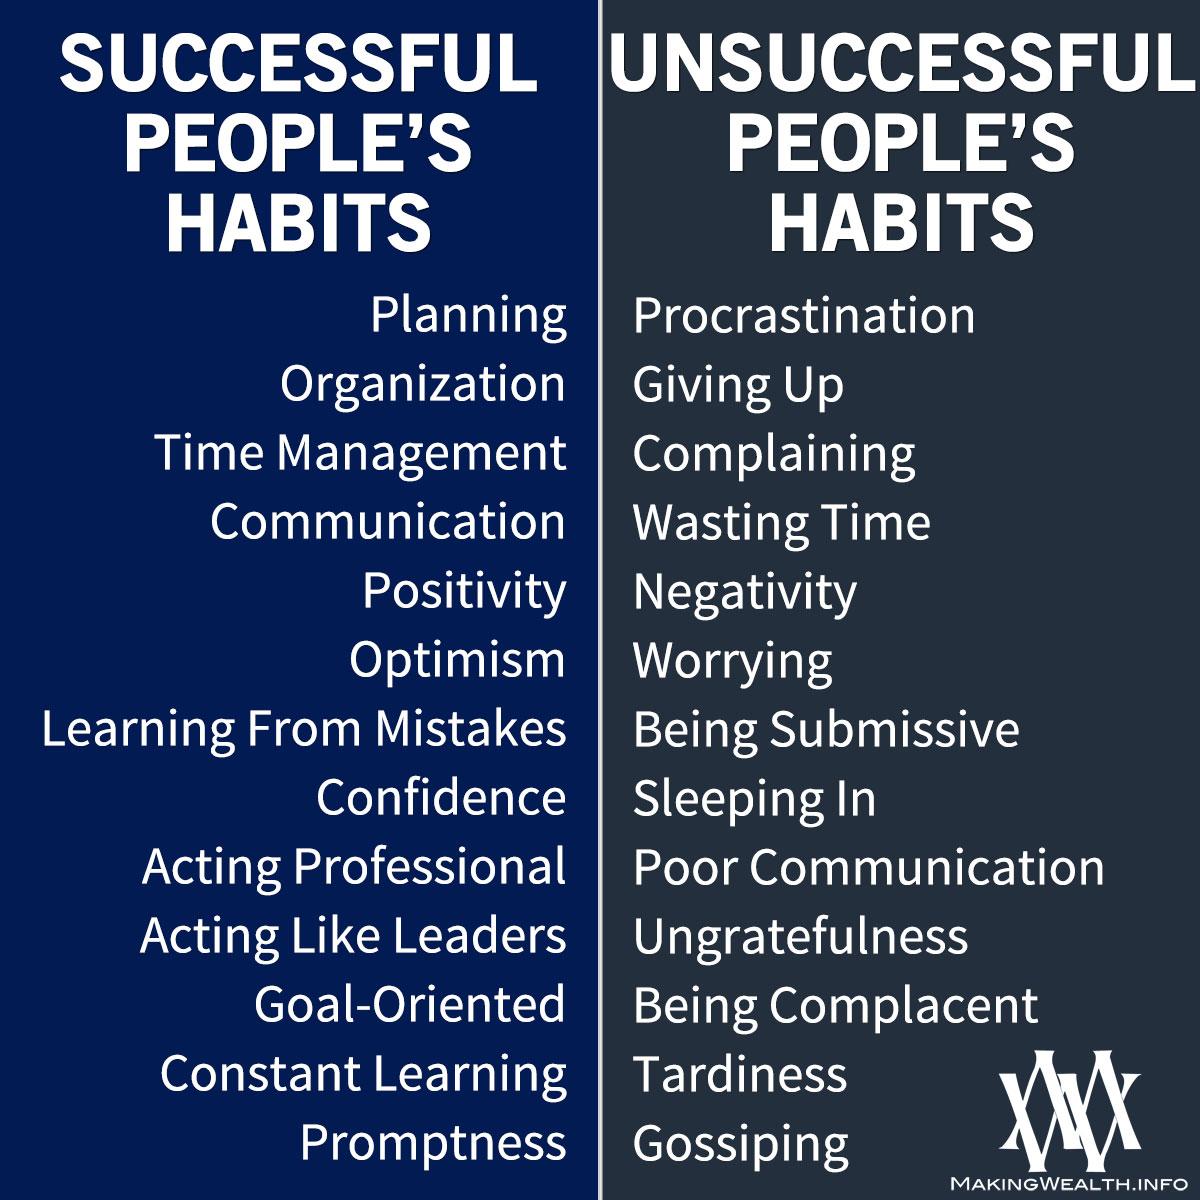 Successful People Habits VS Unsuccessful People Habits